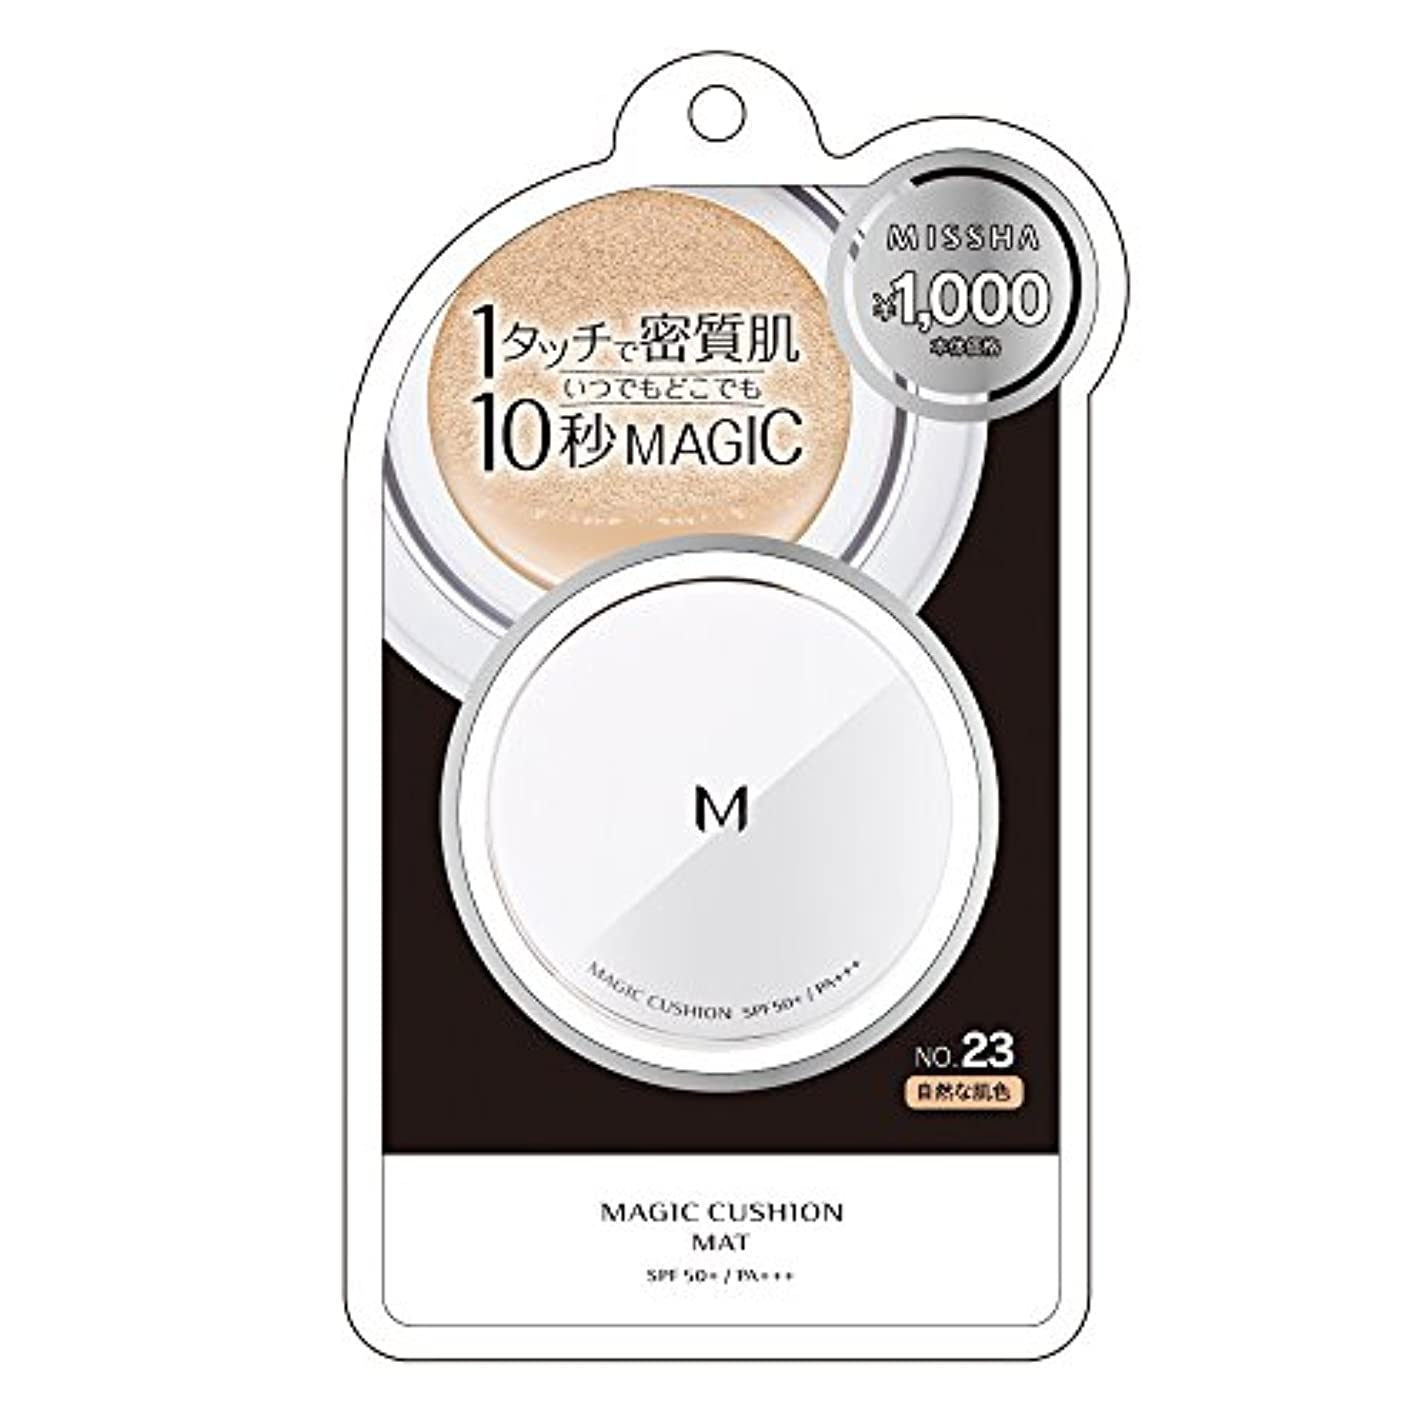 ステージディレクトリできるミシャ M クッション ファンデーション(マット)No.23(自然な肌色) 15g